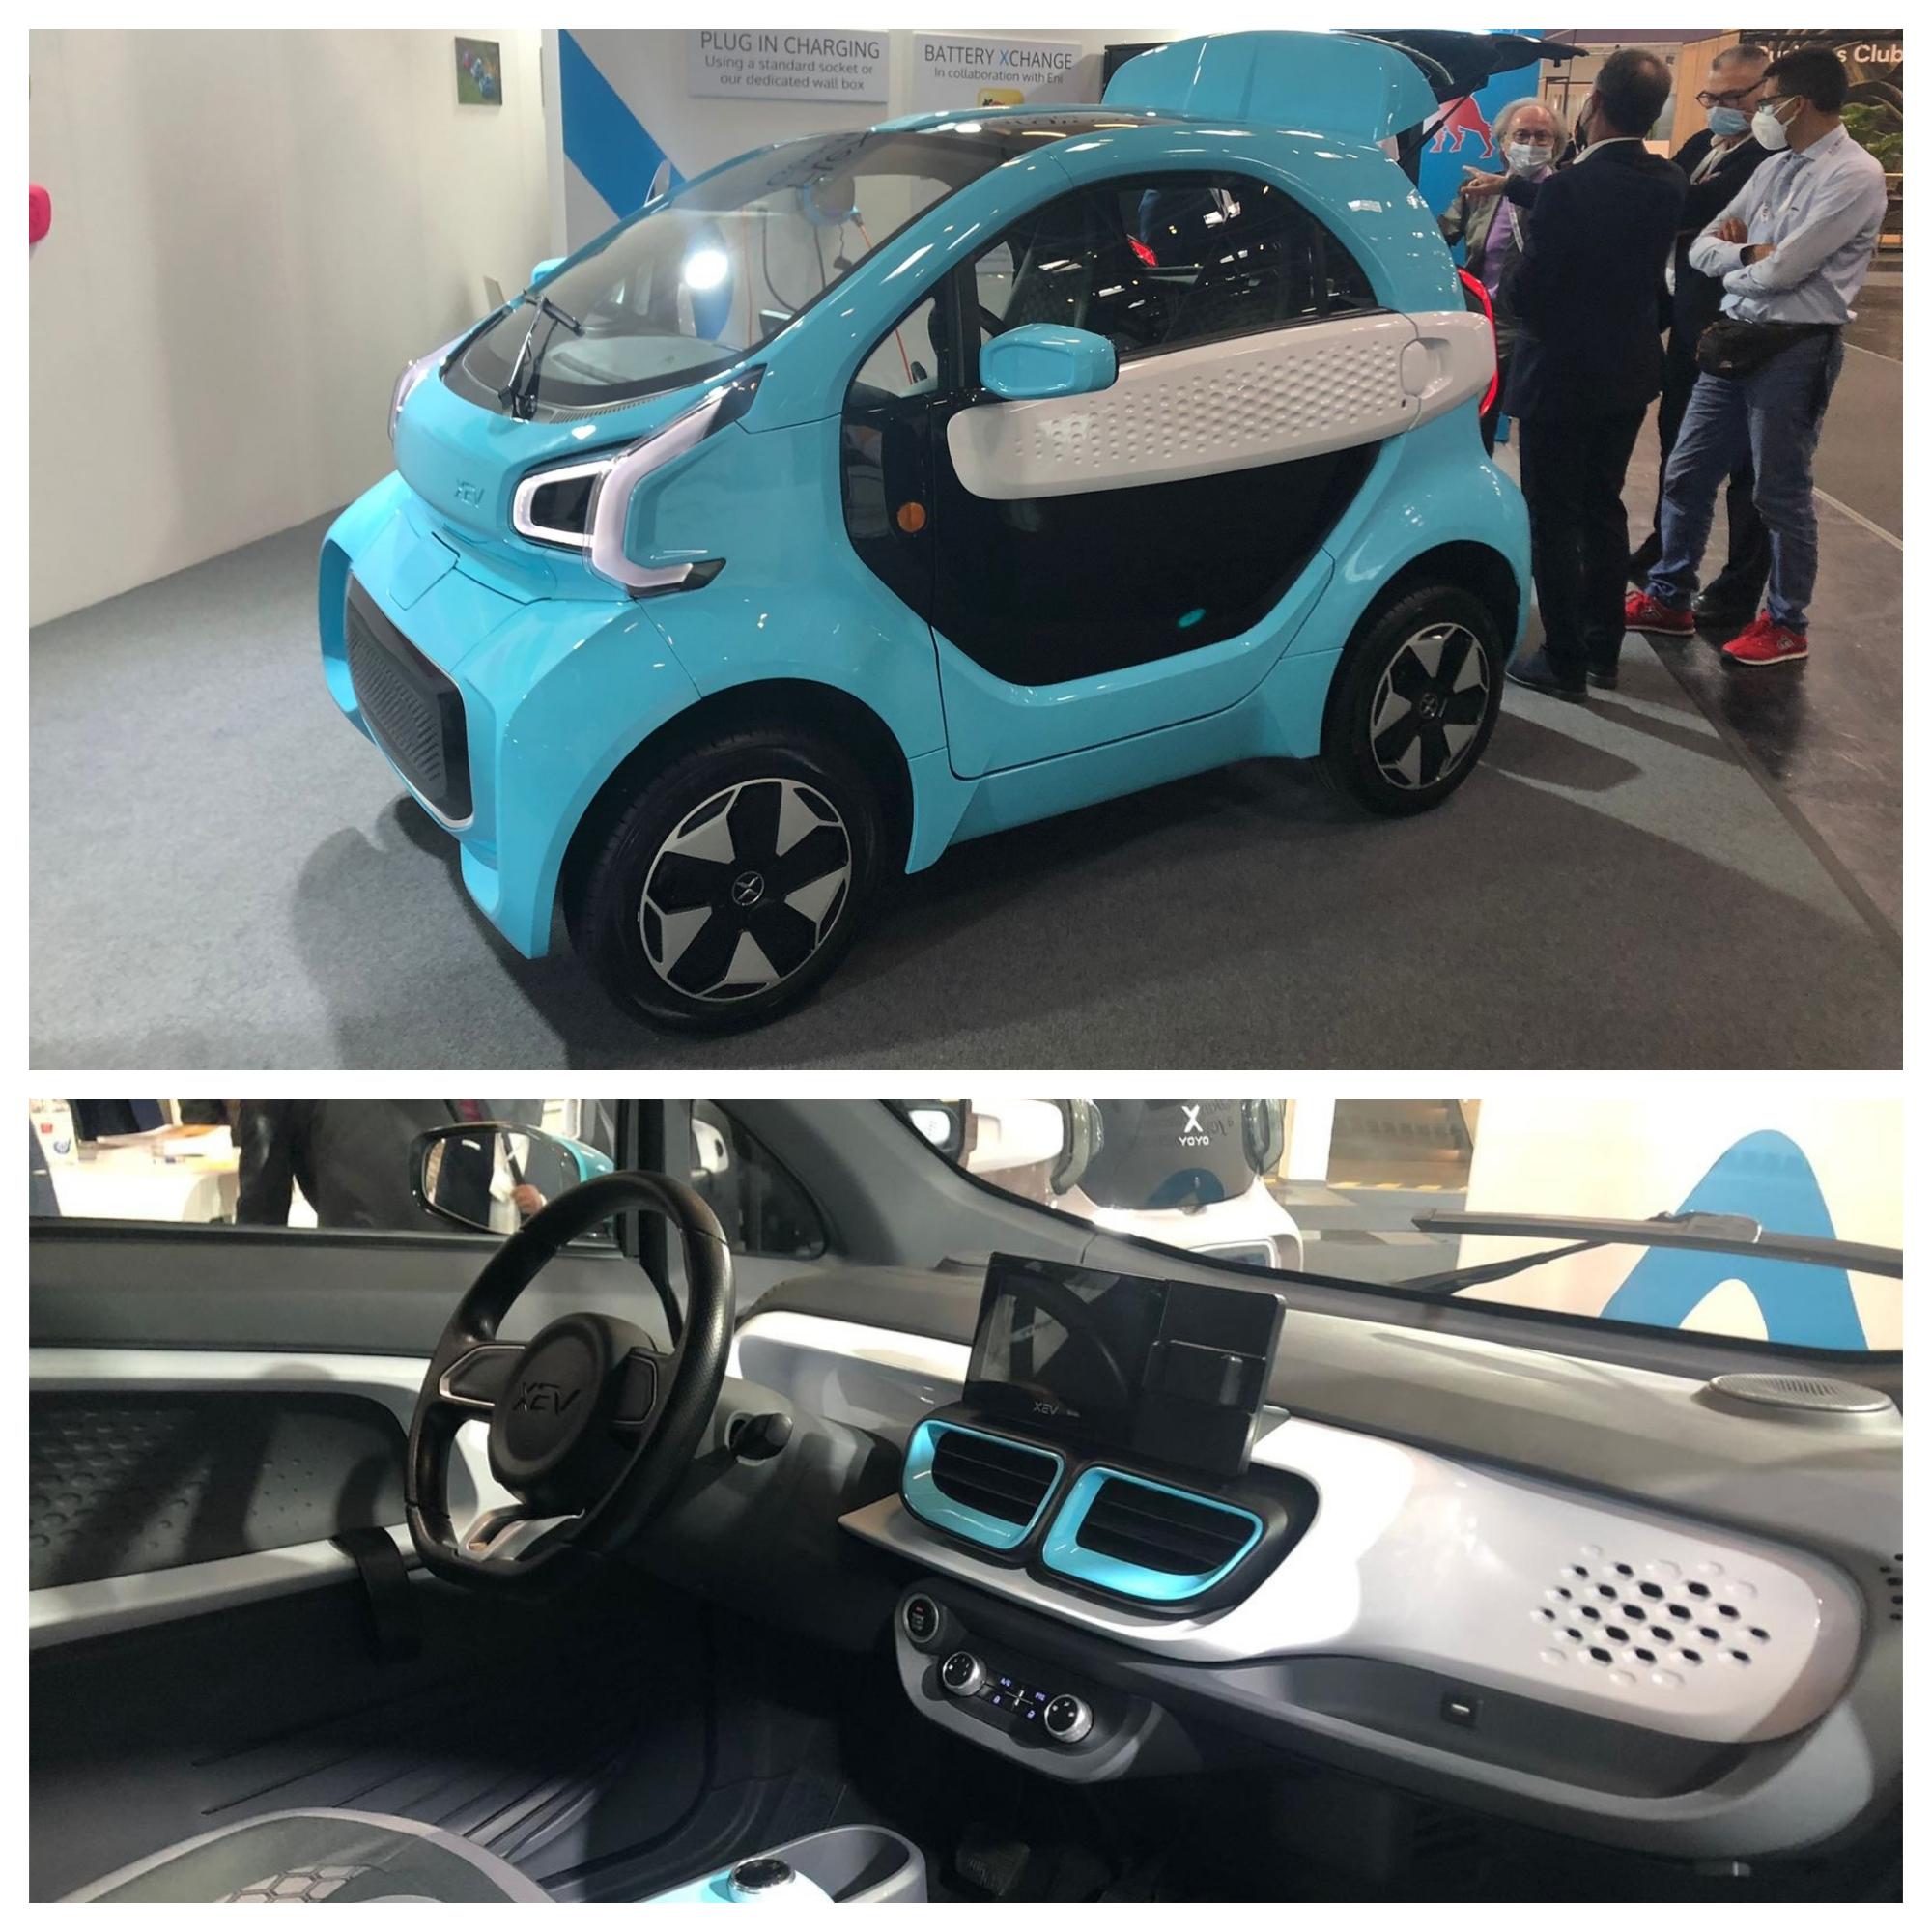 Salon del automovil de Munich - IAA 2021 - novedades - estrenos  - en directo - bmw